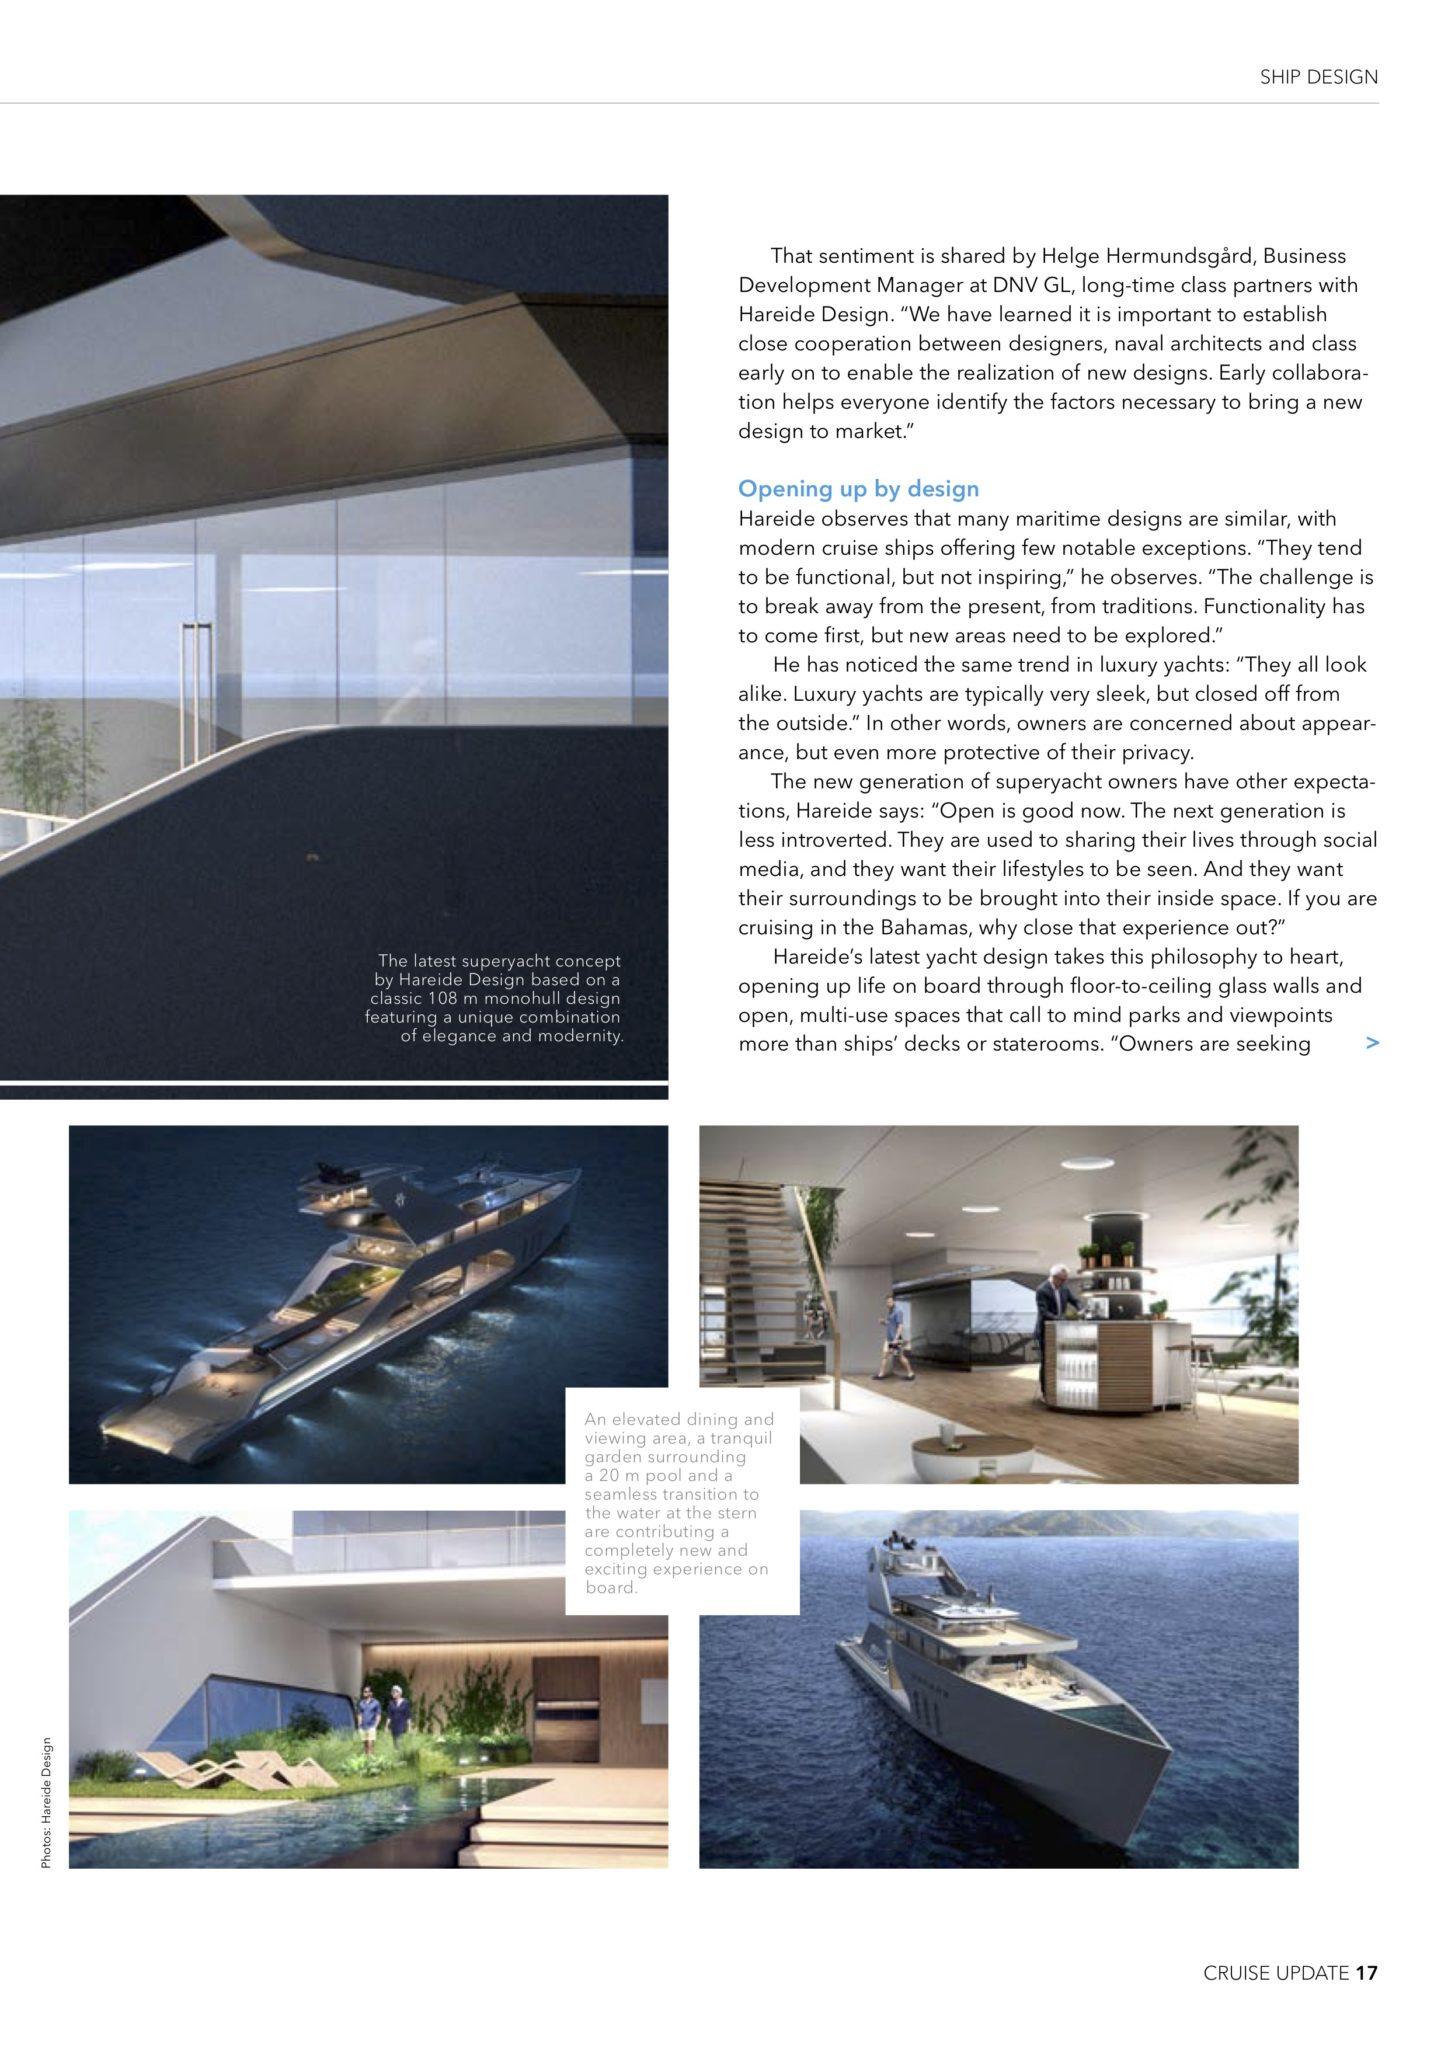 Designing the future of cruise – Hareide Design